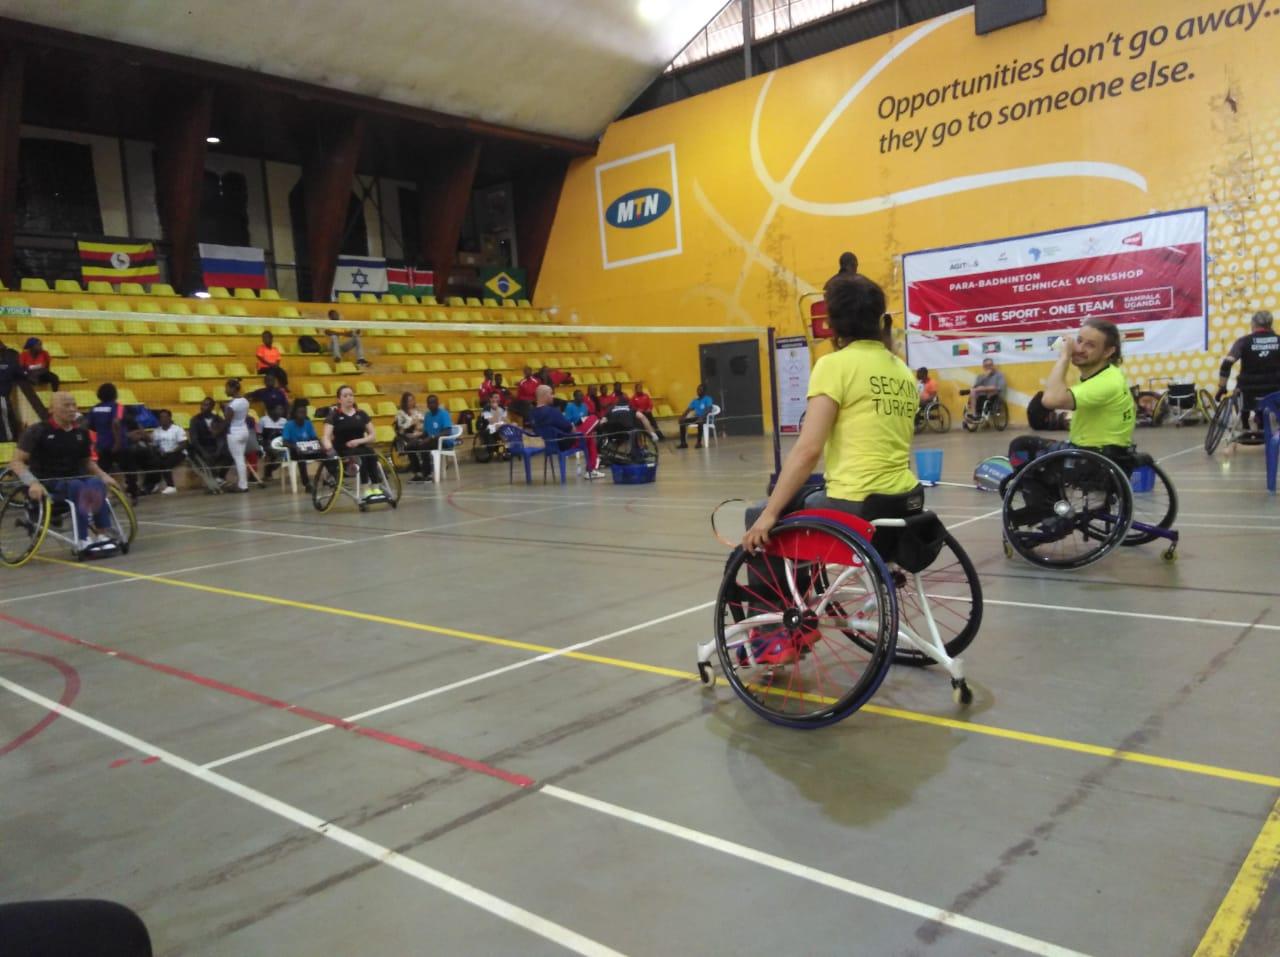 1 золотую и 4 бронзовые медали завоевали российские спортсмены на международных соревнованиях по парабадминтону  - Uganda Para-Badminton International 2019